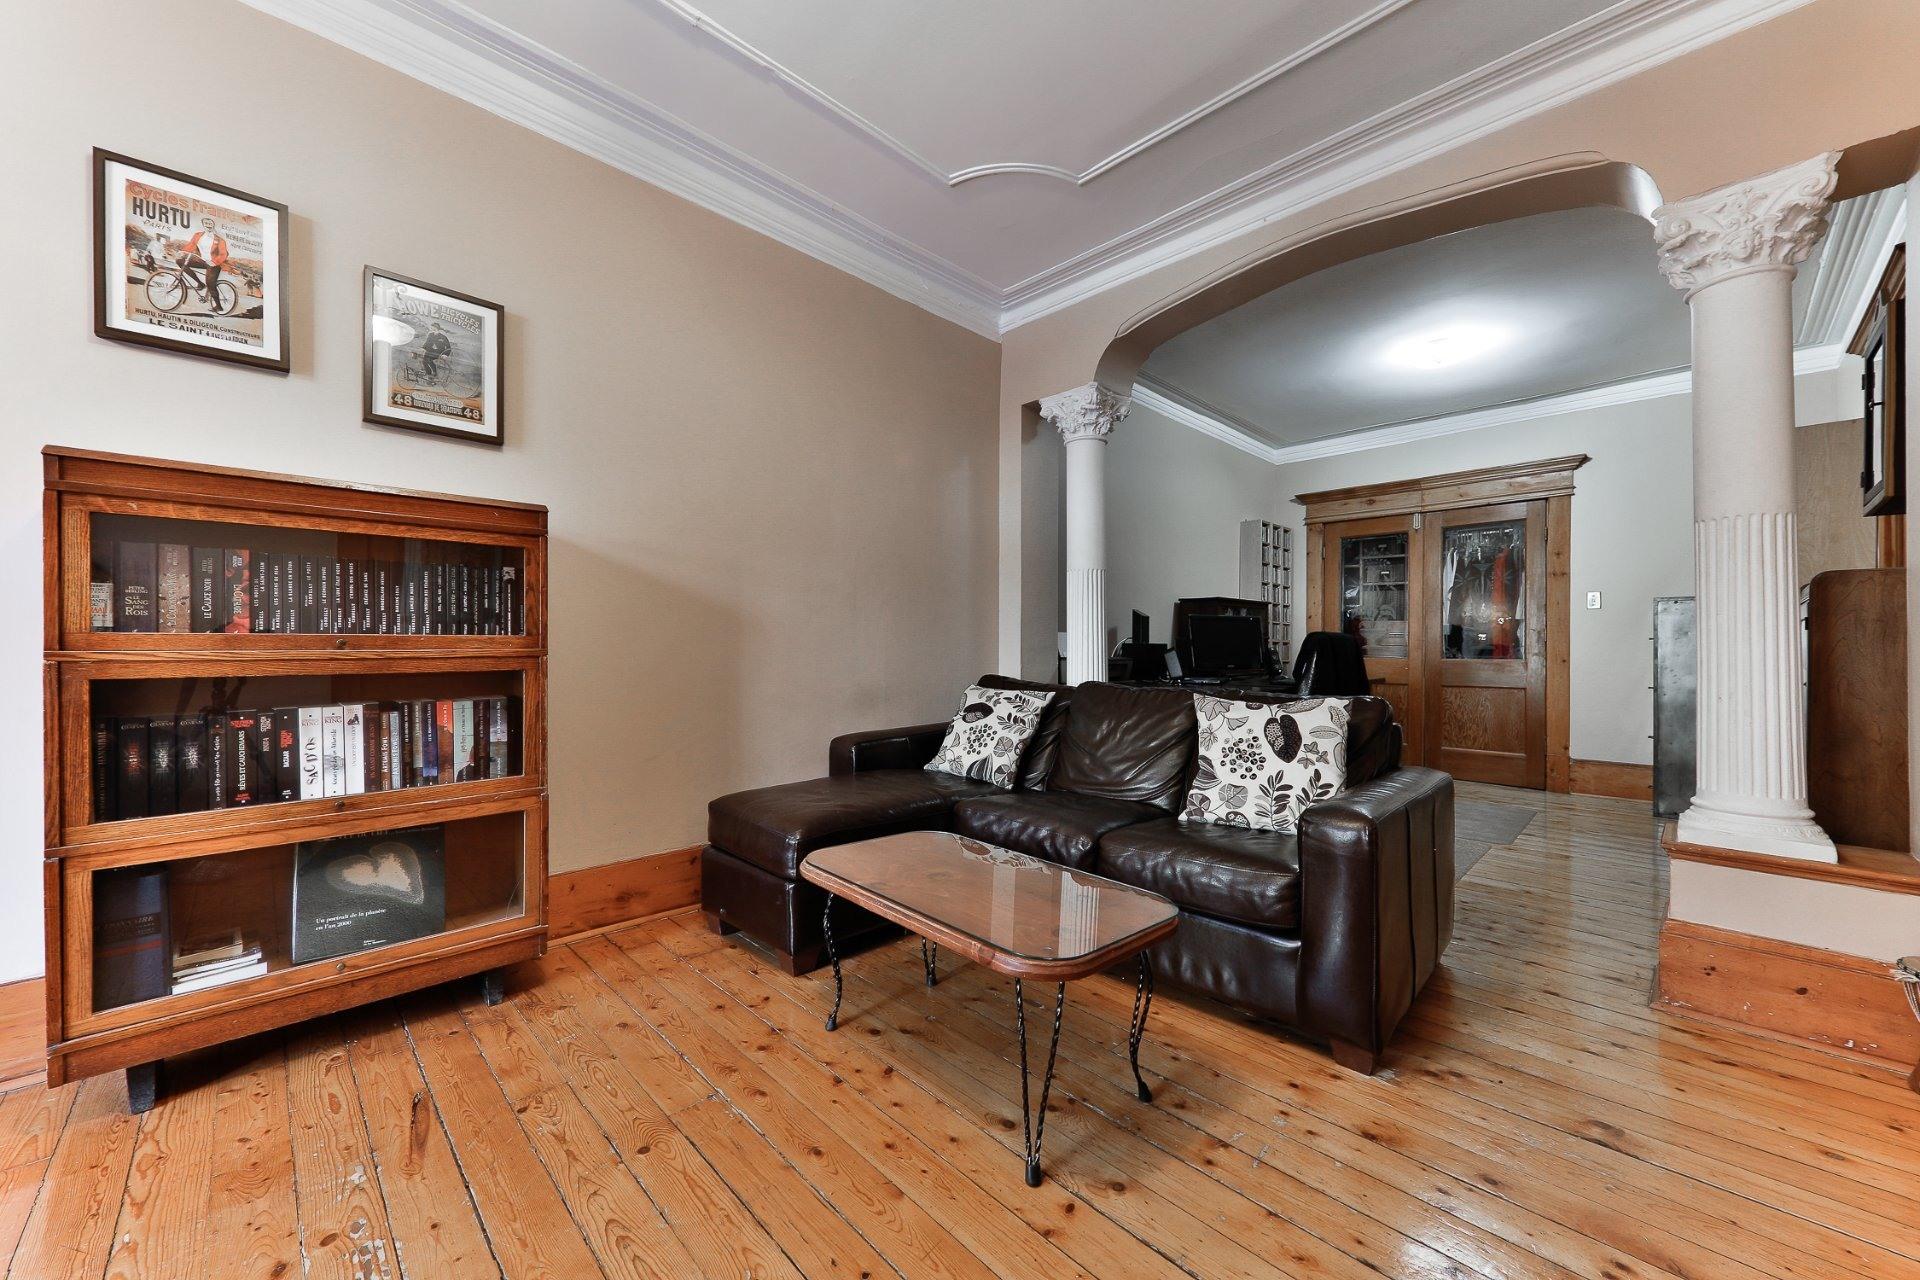 image 13 - Appartement À vendre Le Plateau-Mont-Royal Montréal  - 8 pièces